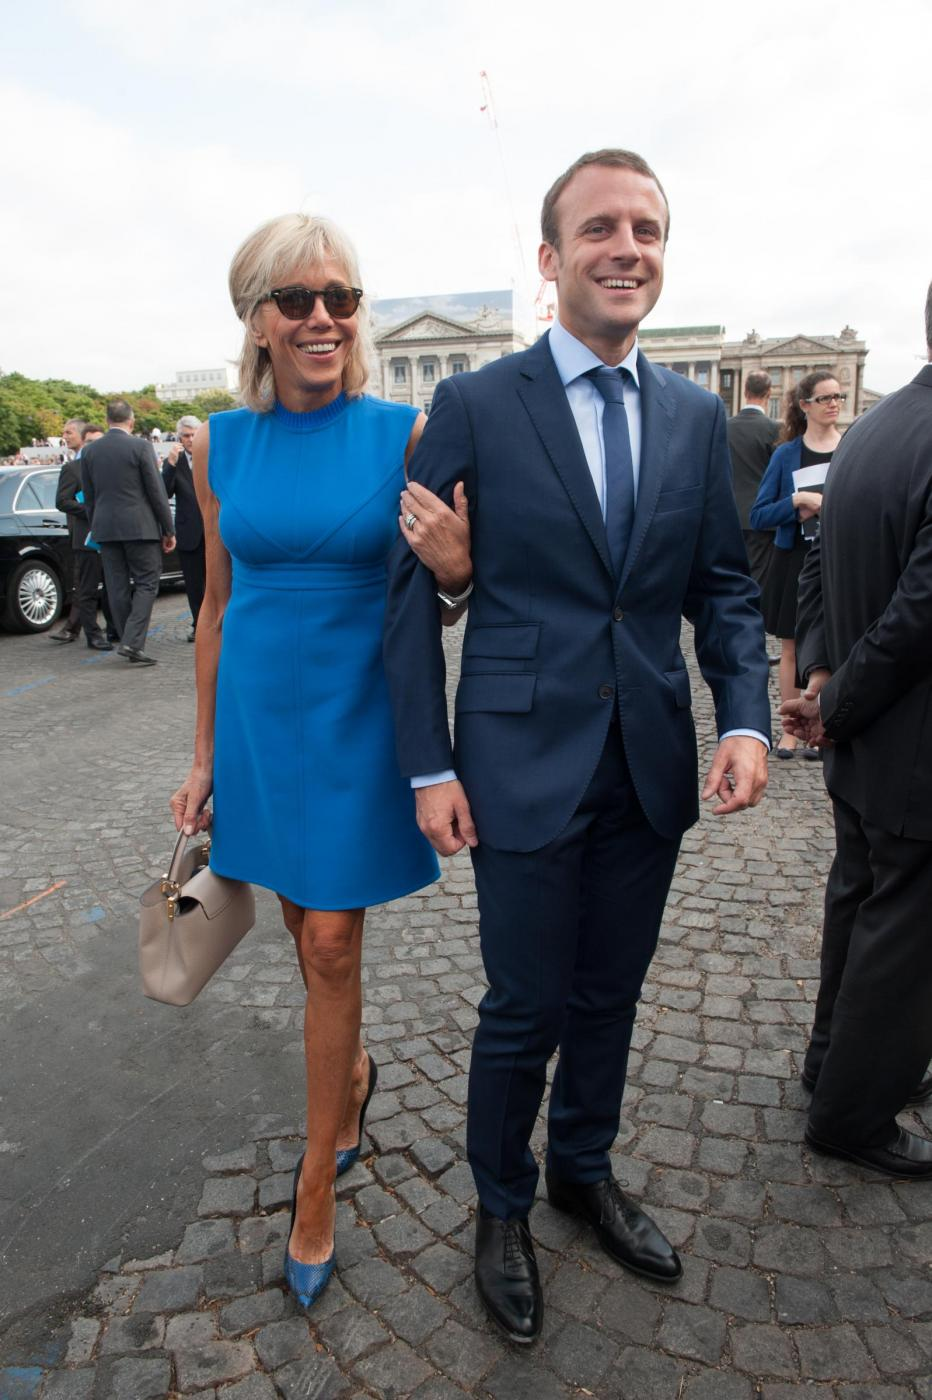 Macron e lթnseparabile Brigitte, lաmore fuori dagli schemi